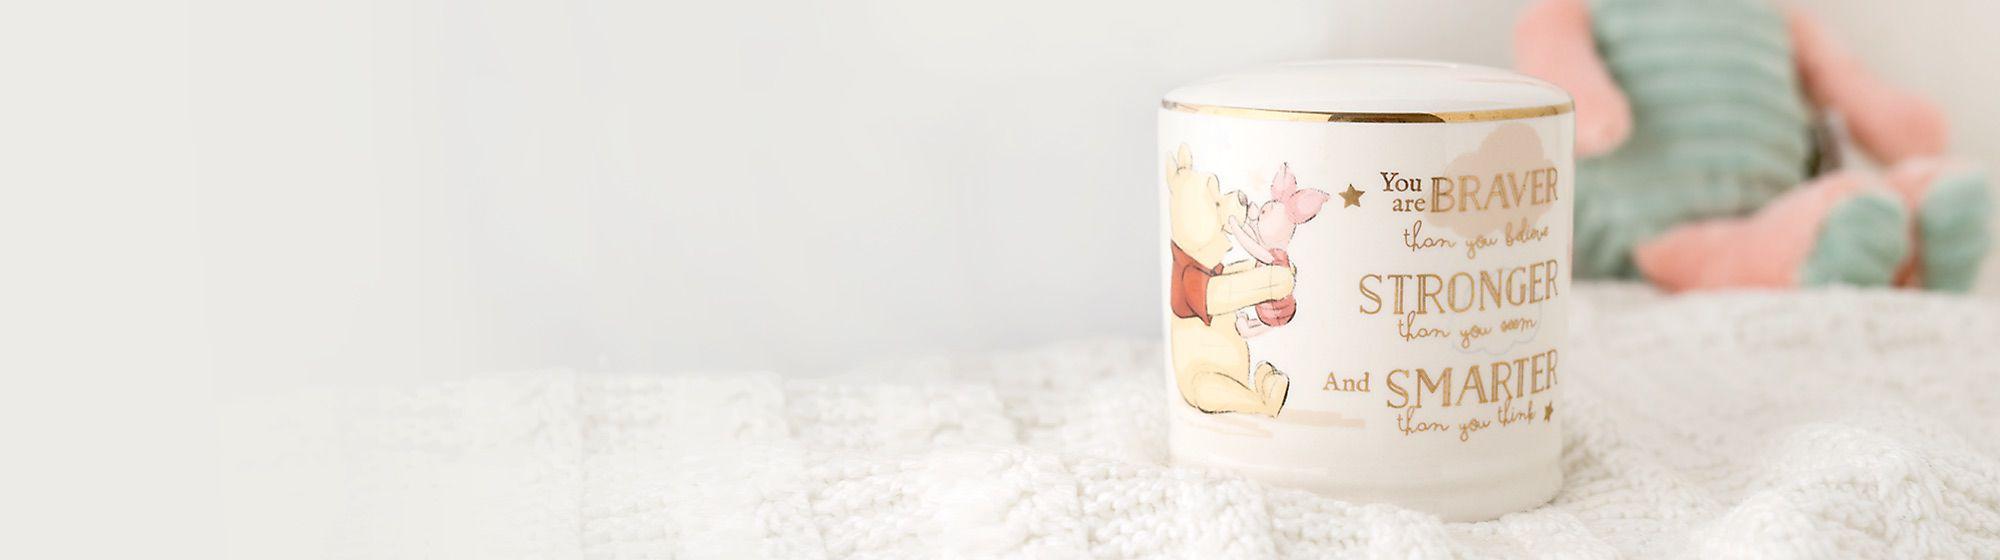 Chambre Bébé et Cadeaux Offrez de jolies décorations pour la chambre de bébé. Un cadre ou une couverture brodée sont de merveilleux cadeaux de naissance !